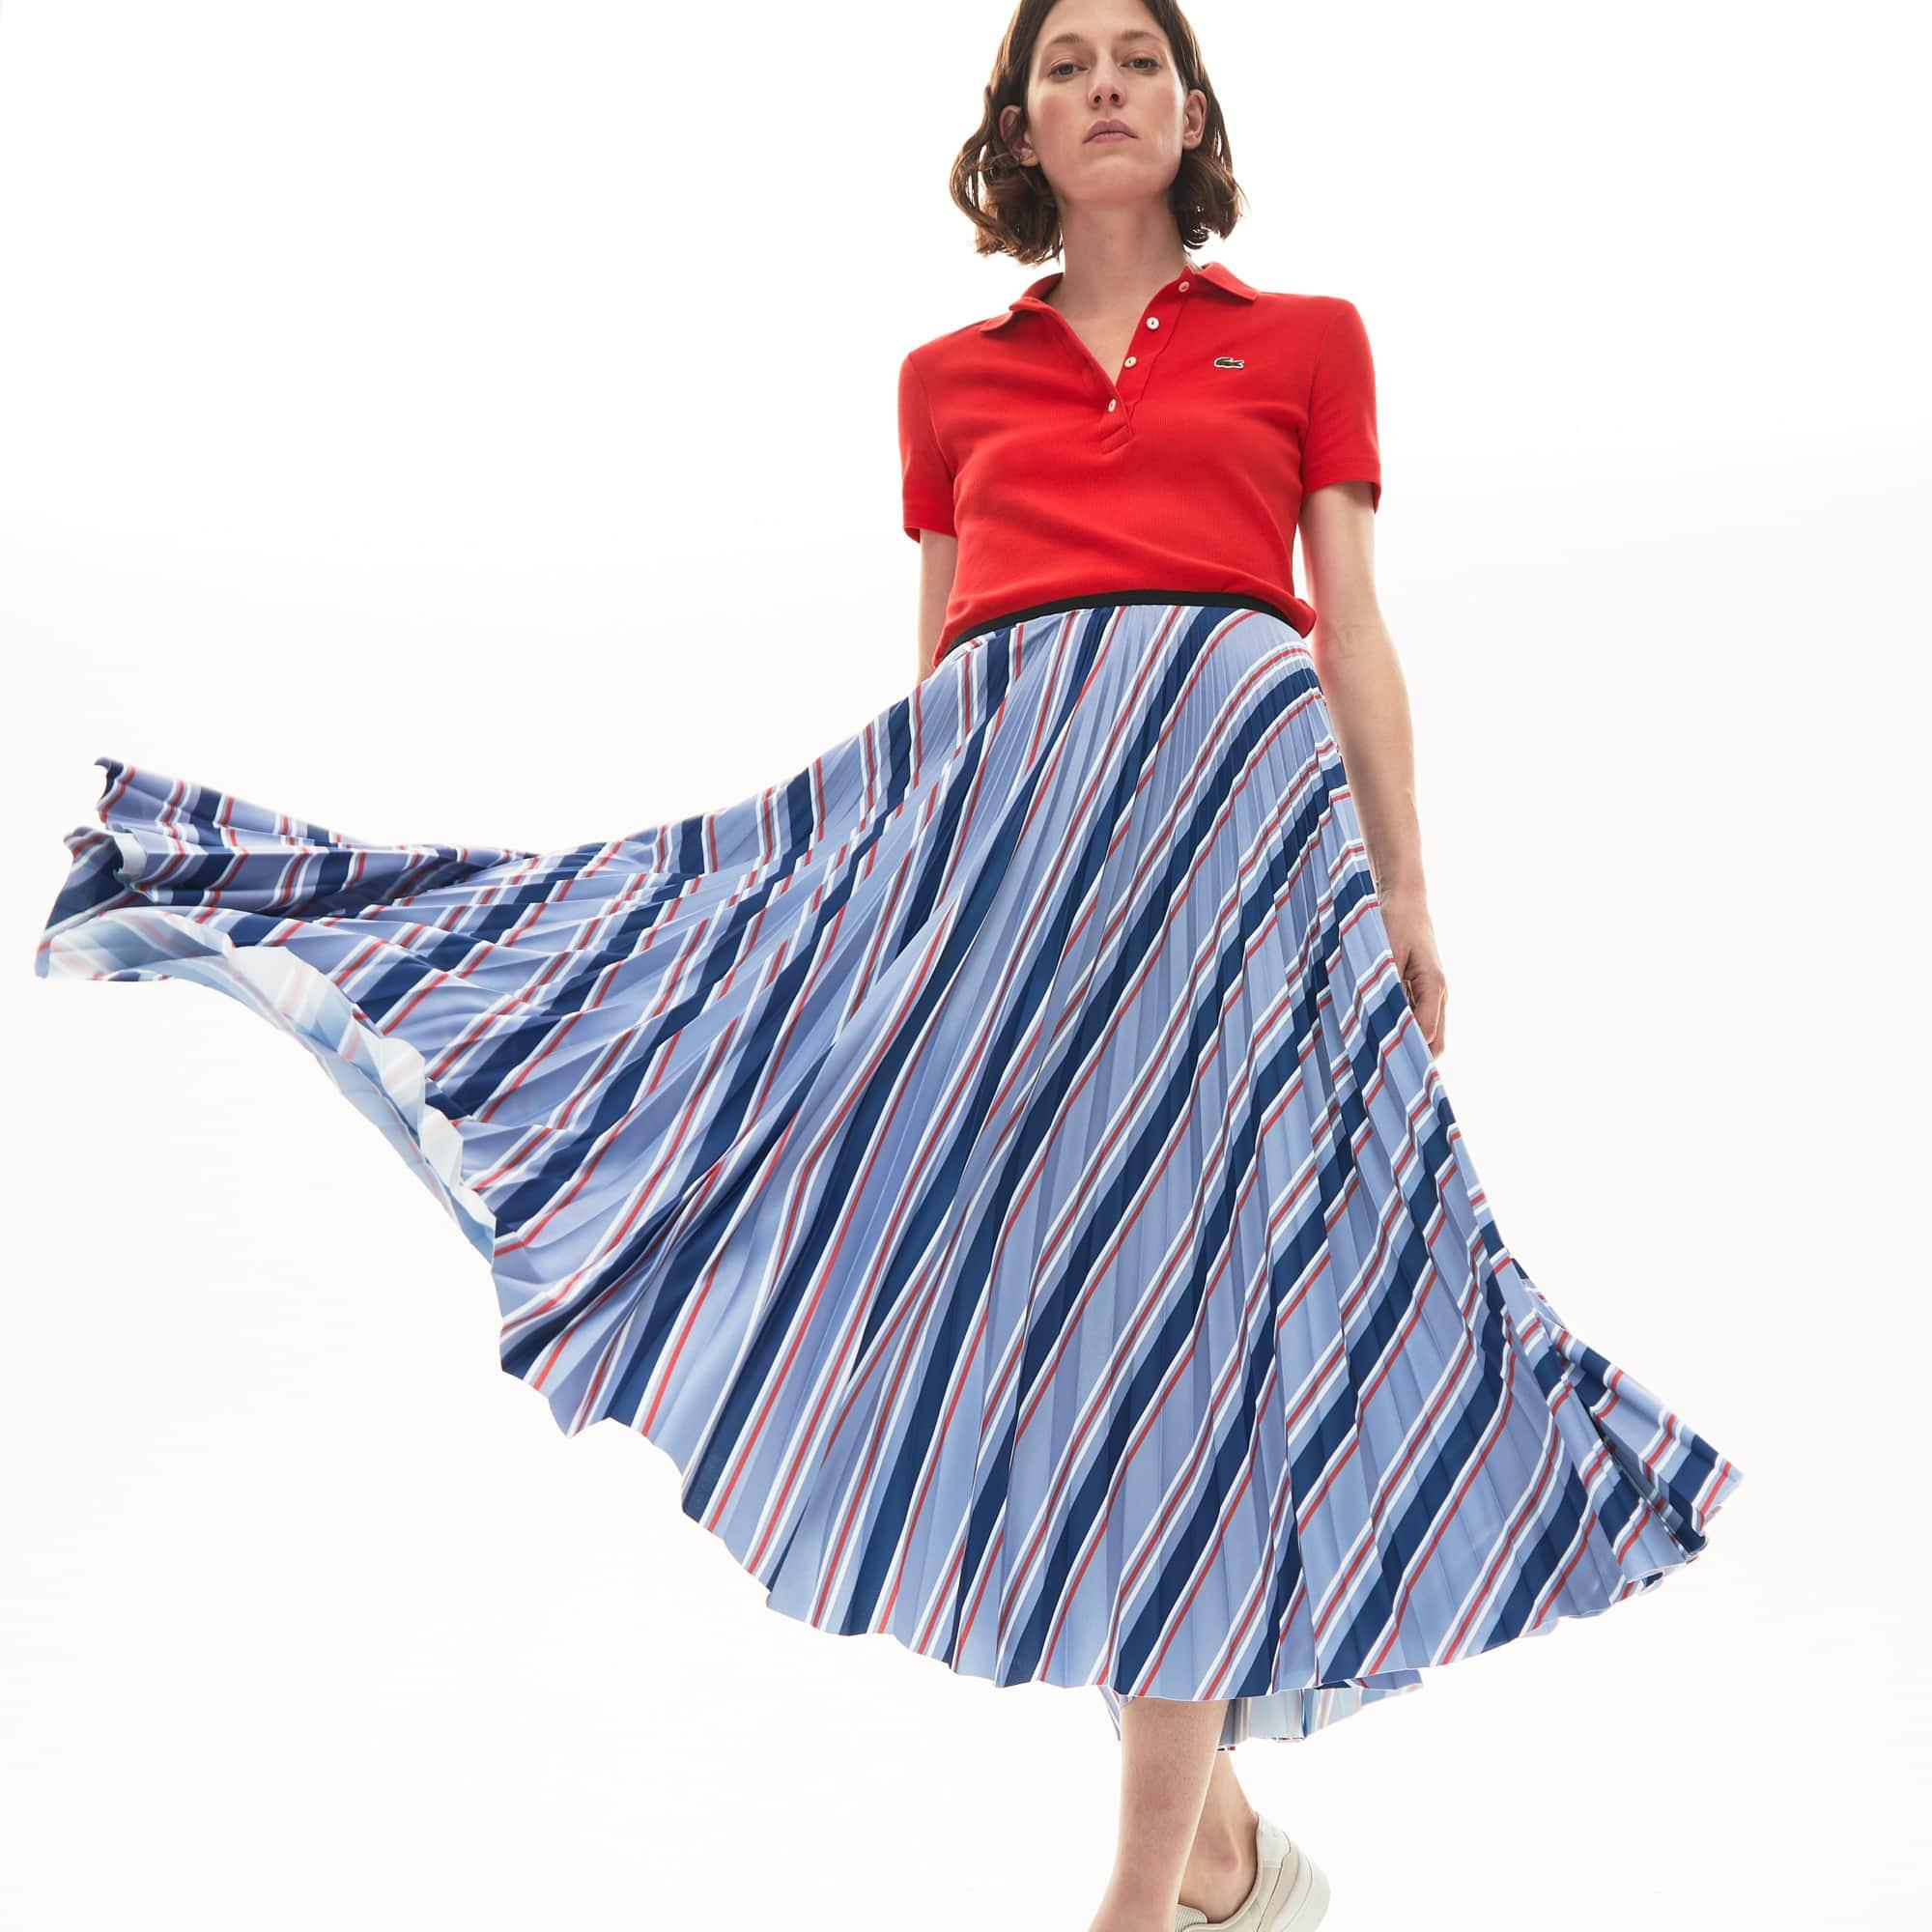 라코스테 멀티컬러 스트라이프 주름 스커트 Lacoste Womens MultiColor Striped Pleated Skirt